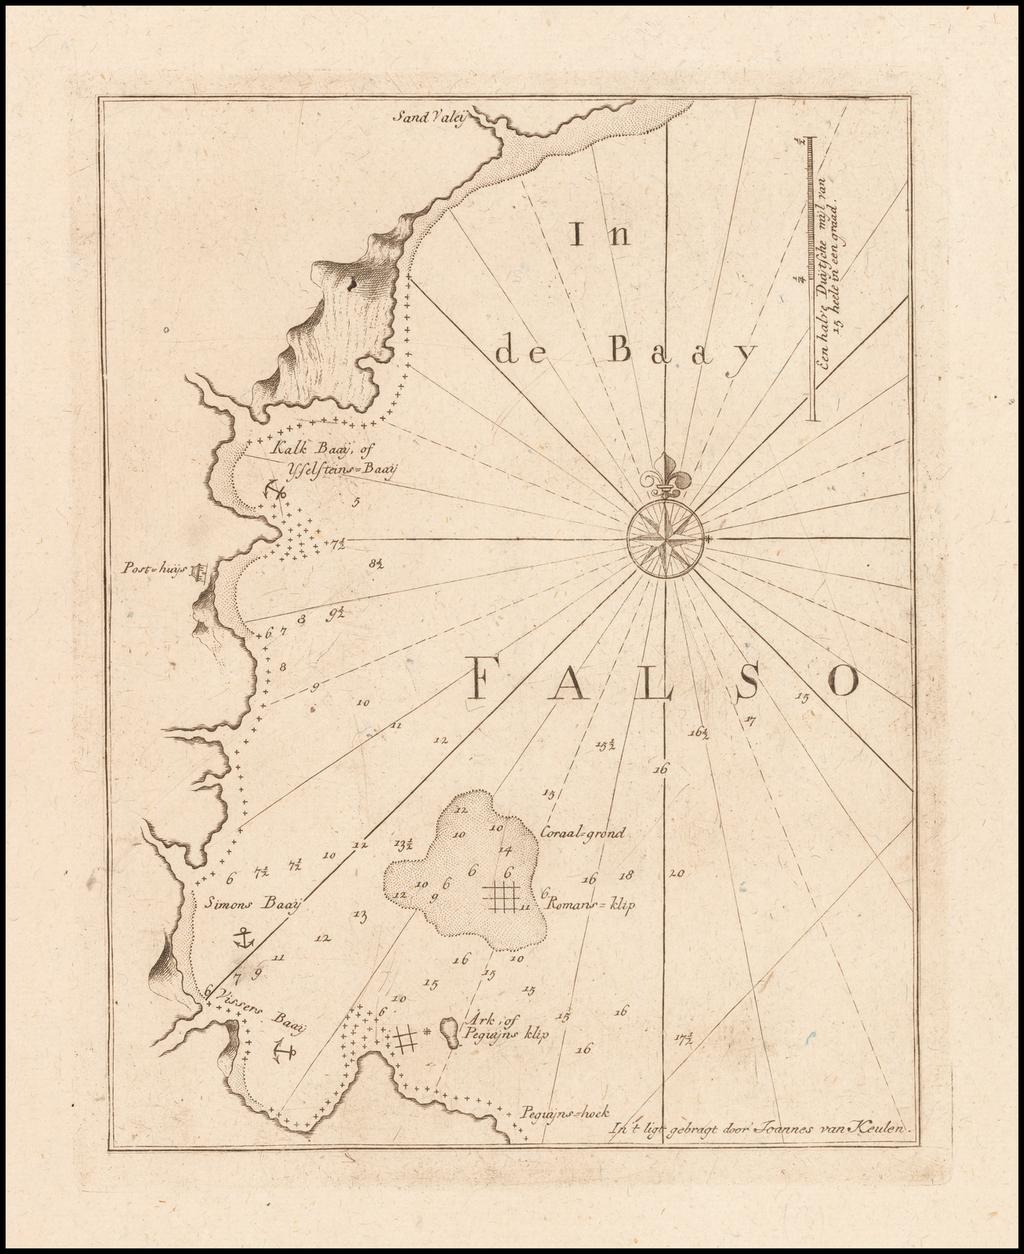 [False Bay]  n de Baay Falso By Johannes II Van Keulen